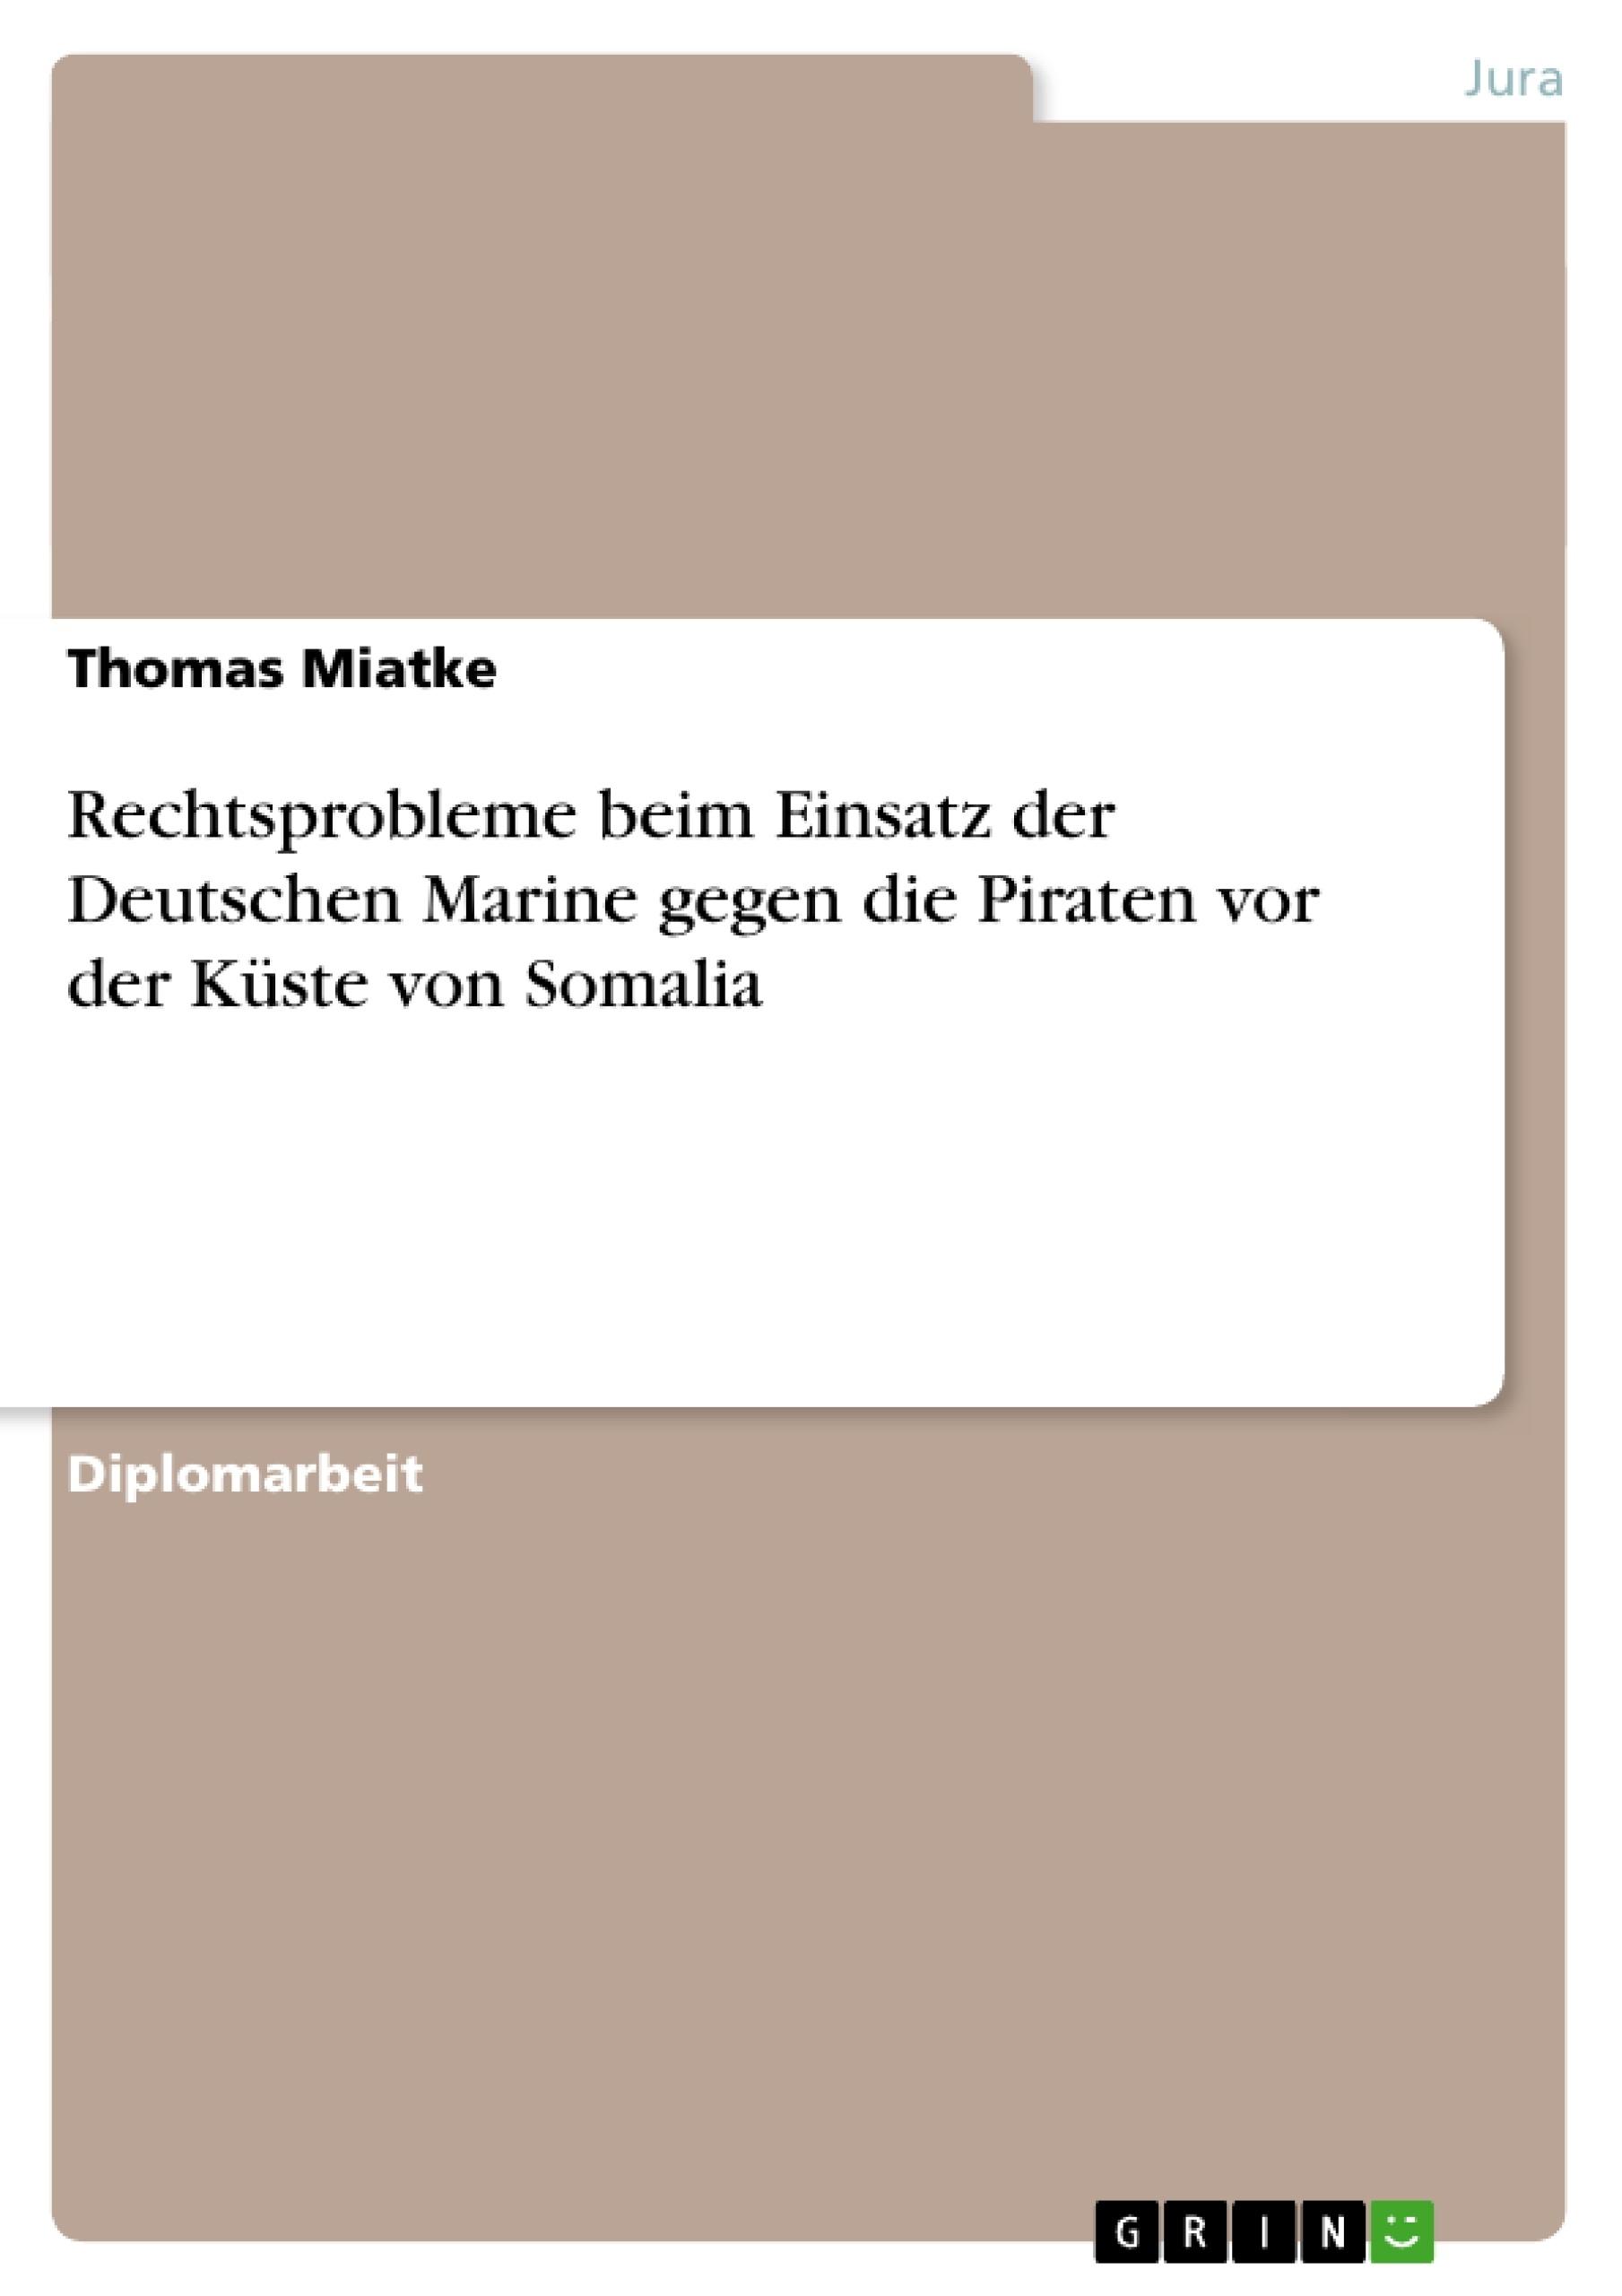 Titel: Rechtsprobleme beim Einsatz der Deutschen Marine gegen die Piraten vor der Küste von Somalia